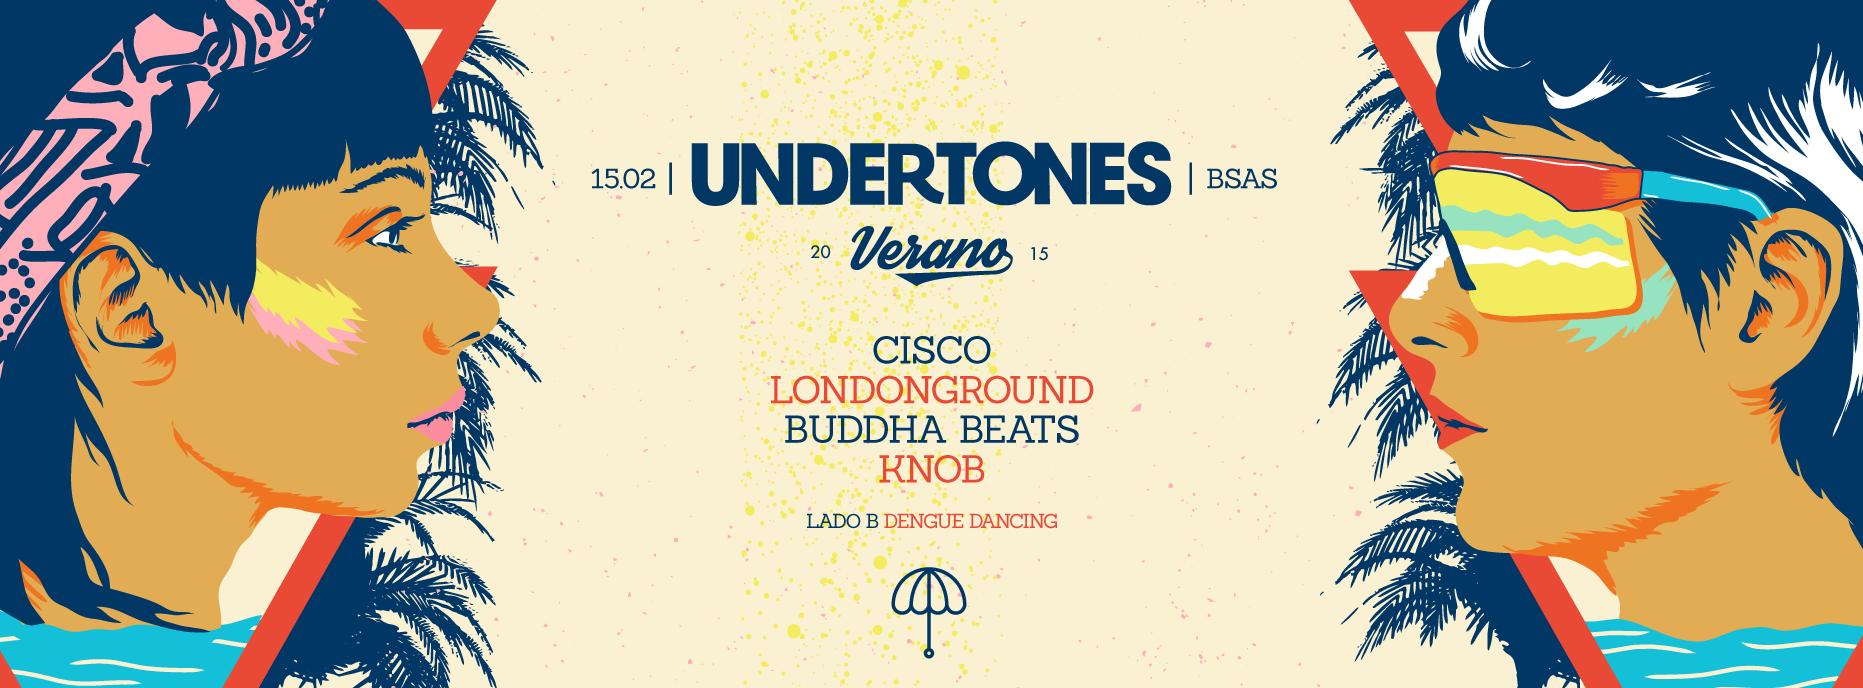 undertones 15 02